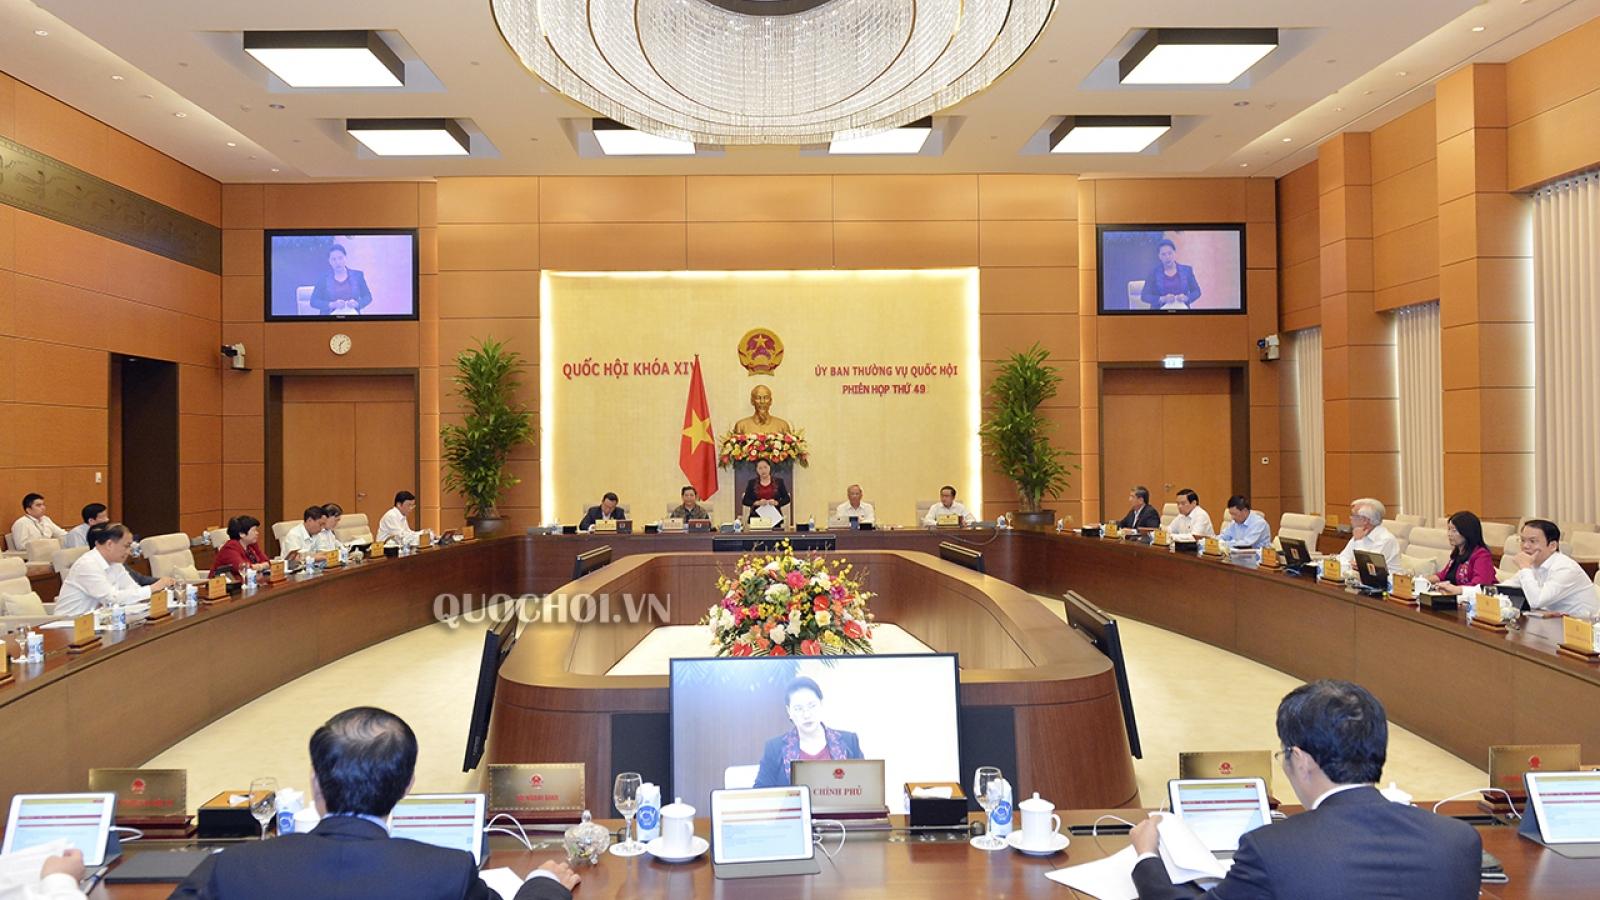 Khai mạc phiên họp thứ 49 của Ủy ban Thường vụ Quốc hội